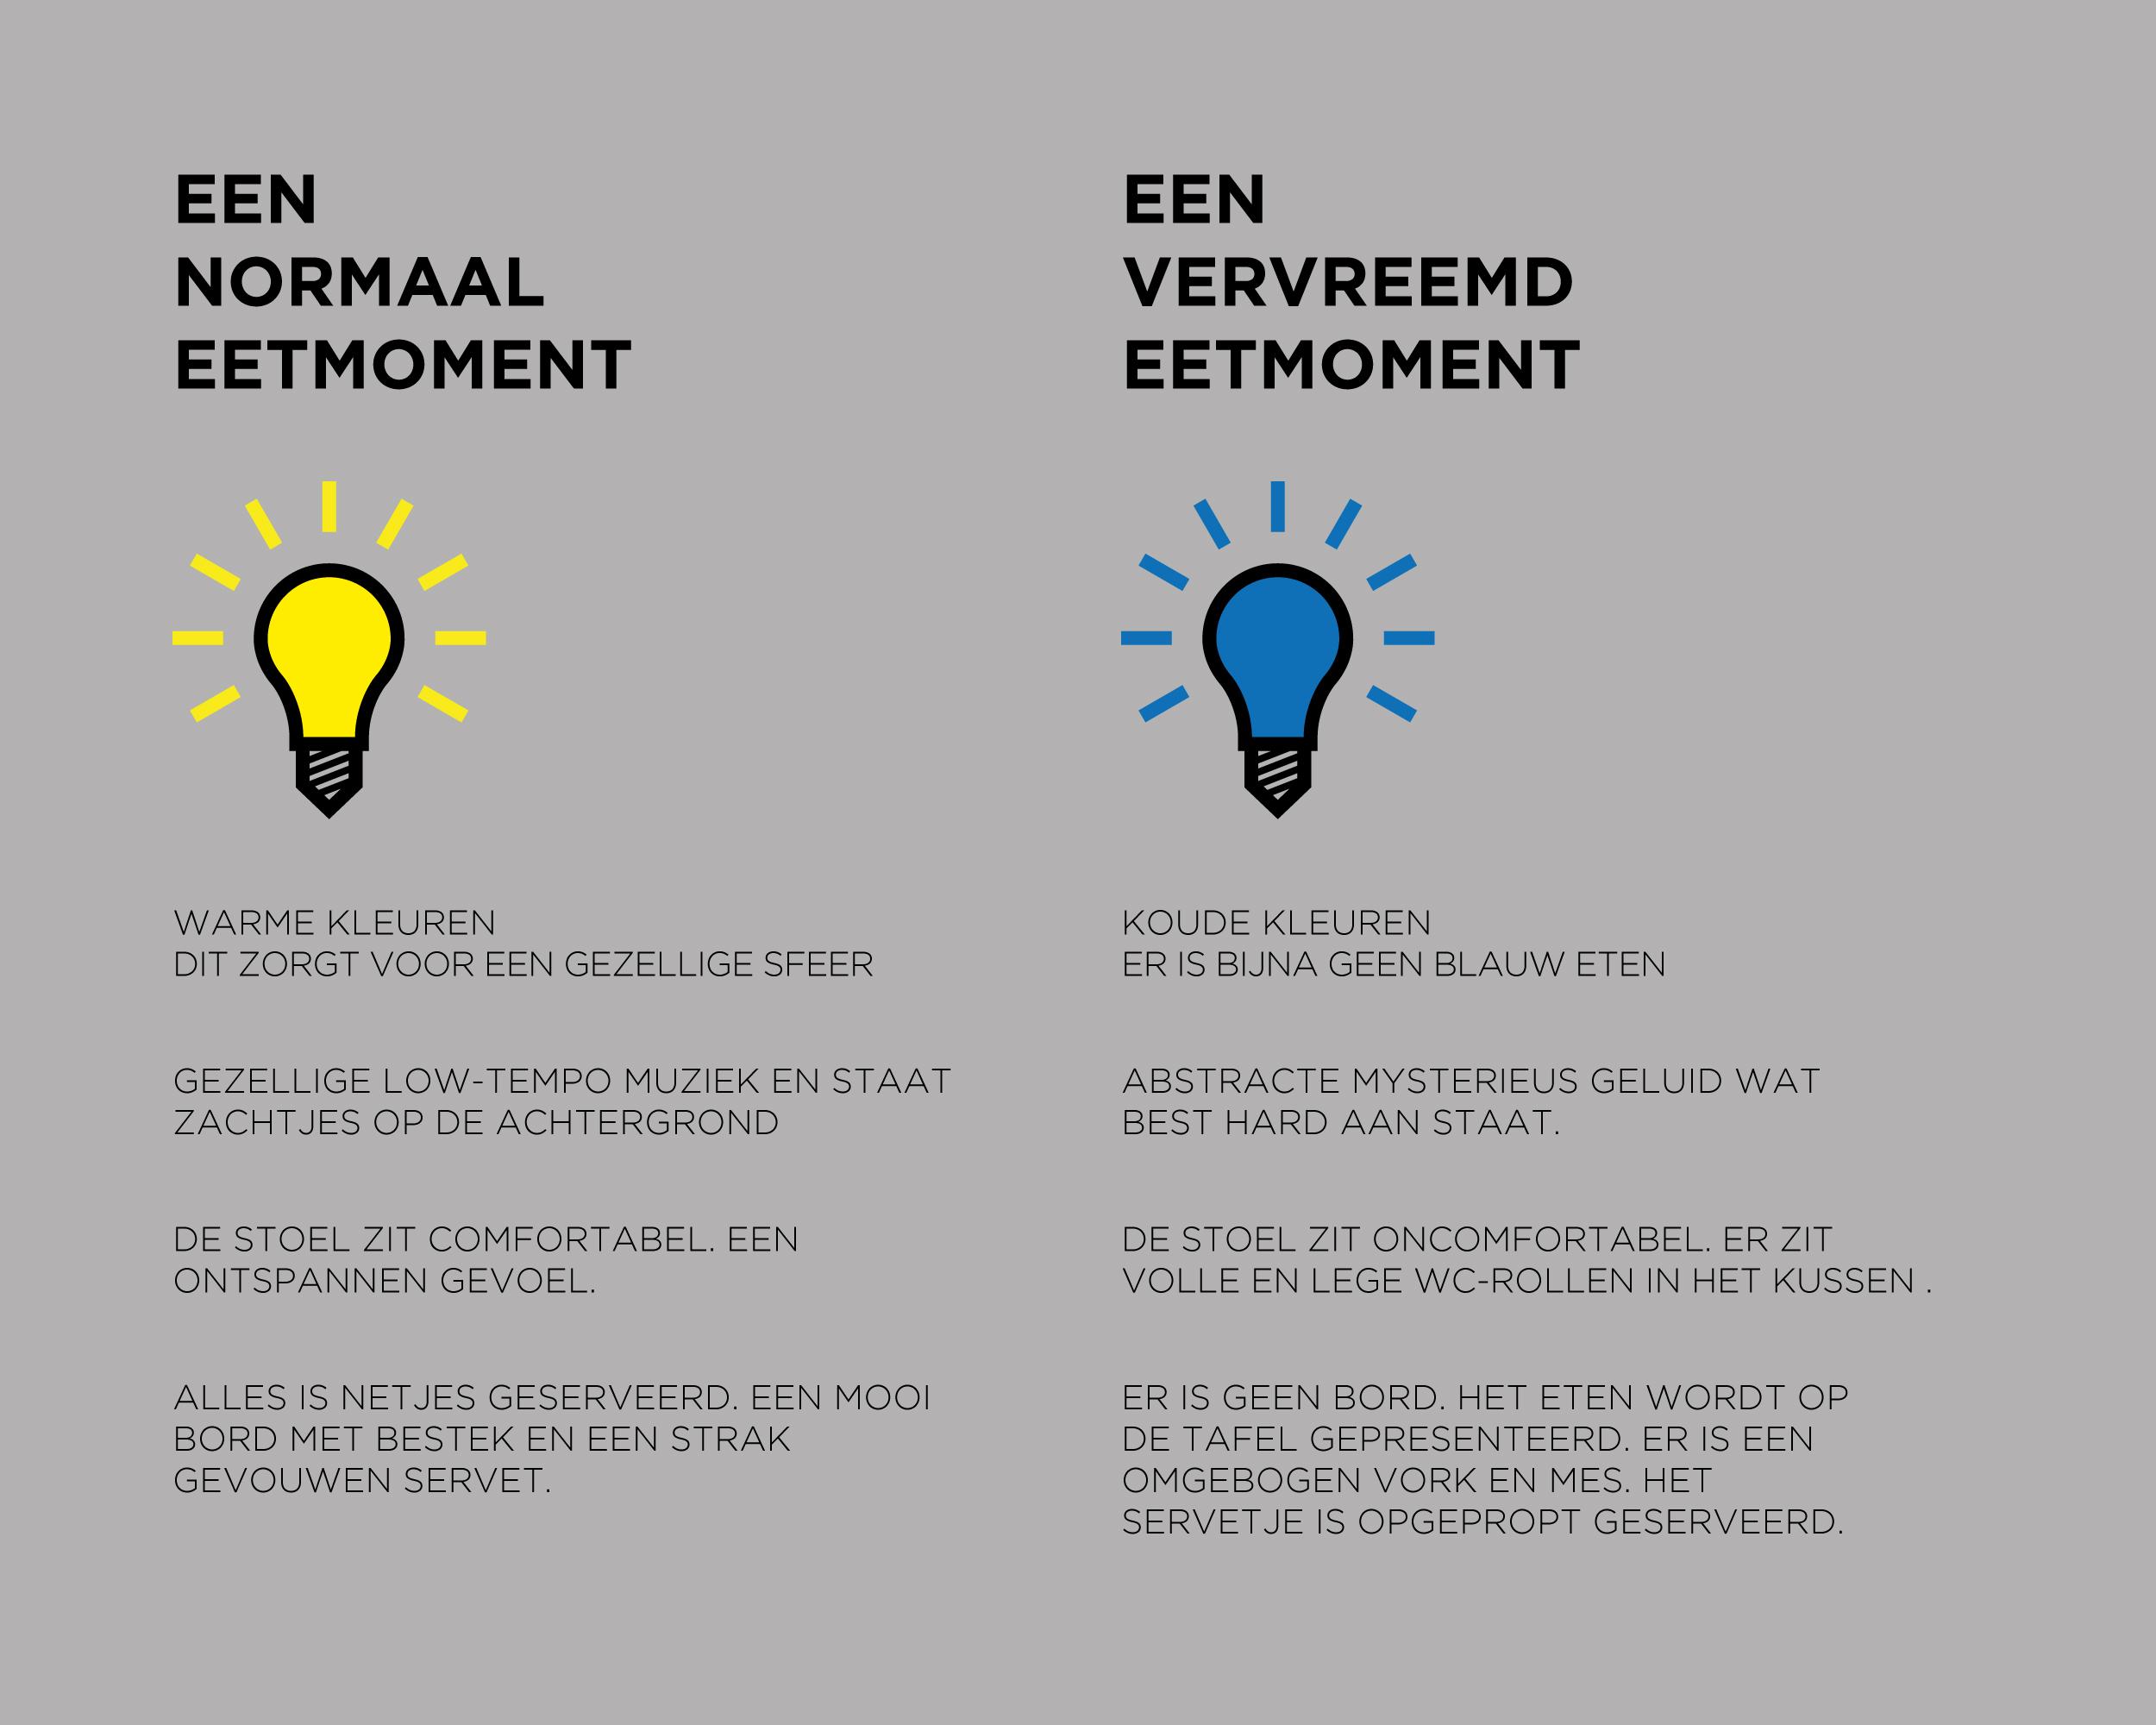 een-vervreem_eetmoment_infographic